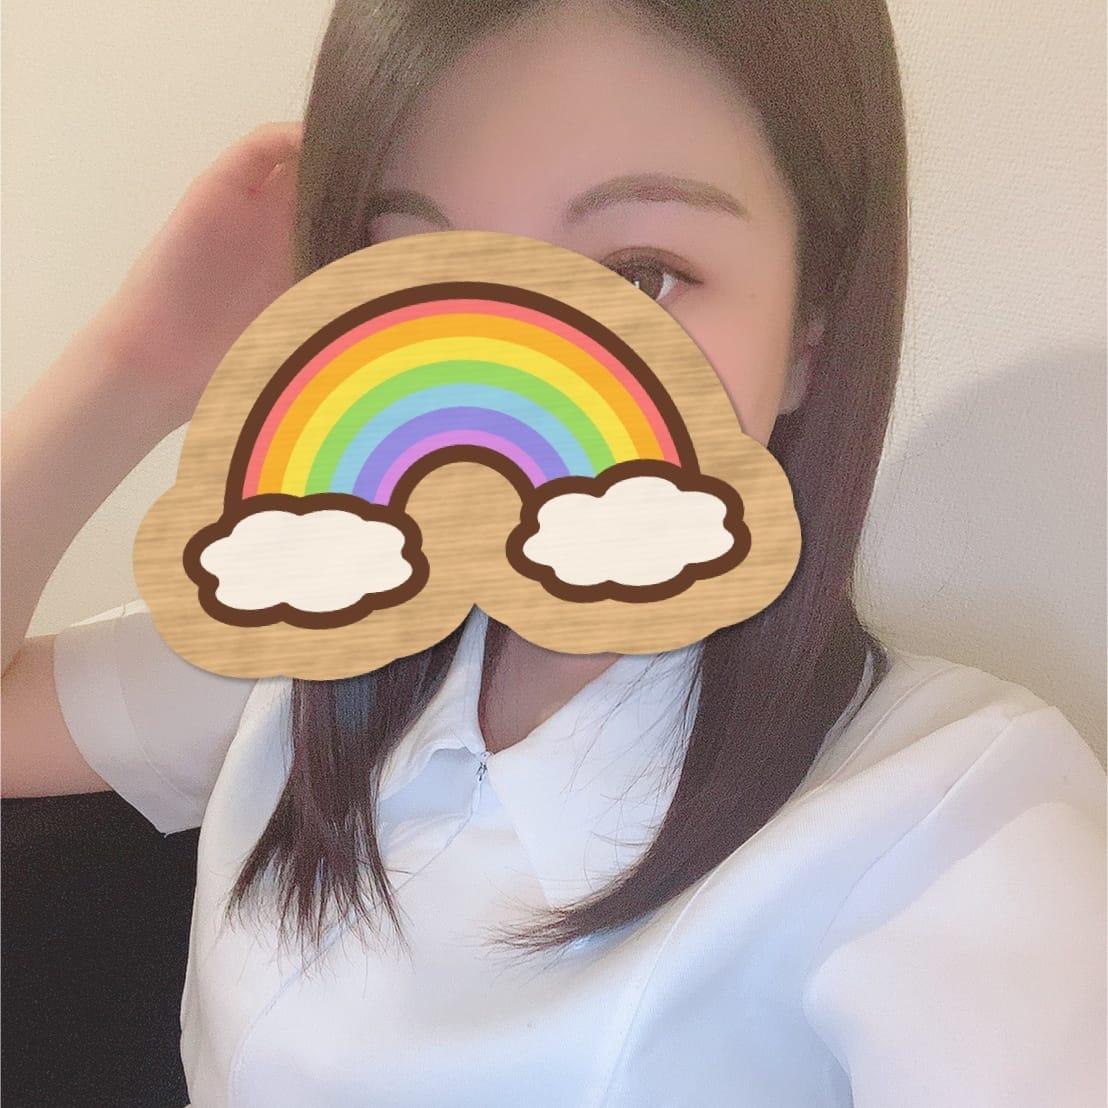 「ありがとうございました」03/28(03/28) 04:22 | 美鈴(みすず)A-rankの写メ・風俗動画